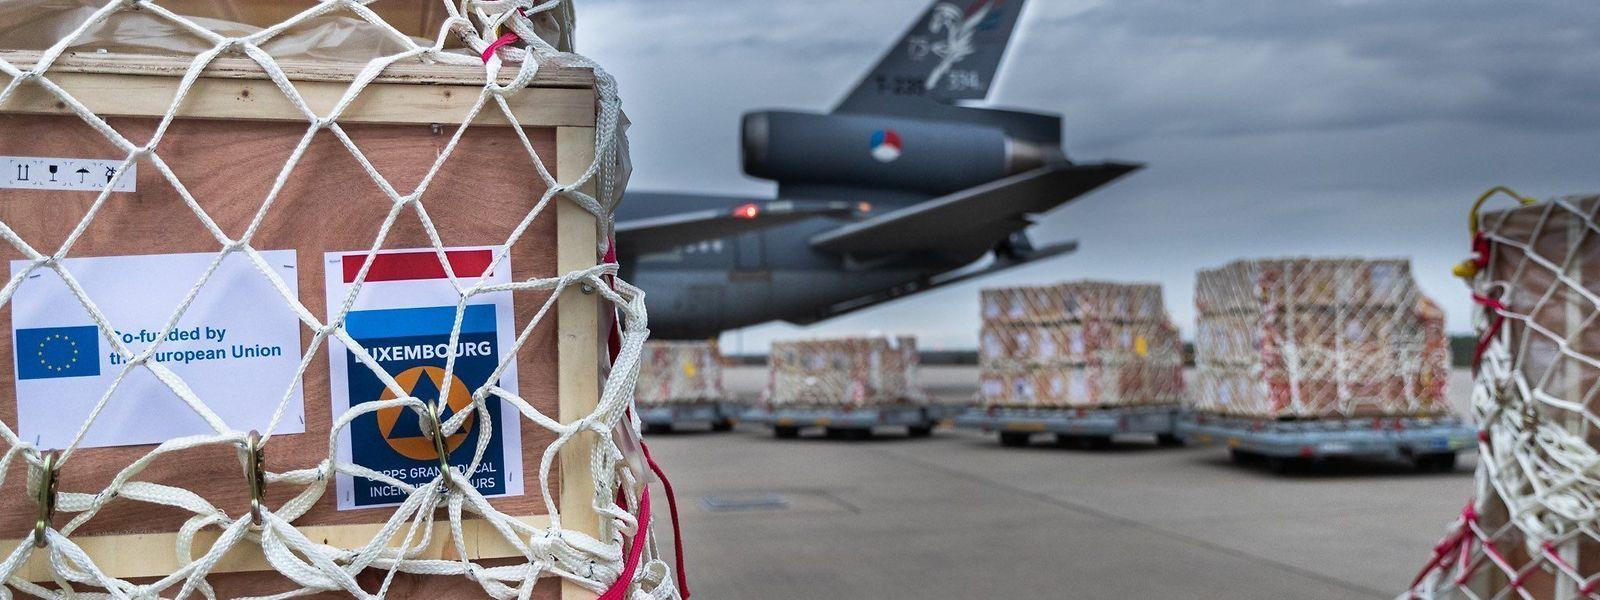 Die Respiratoren wurden in Eindhoven in ein niederländisches Mlitärflugzeug geladen.